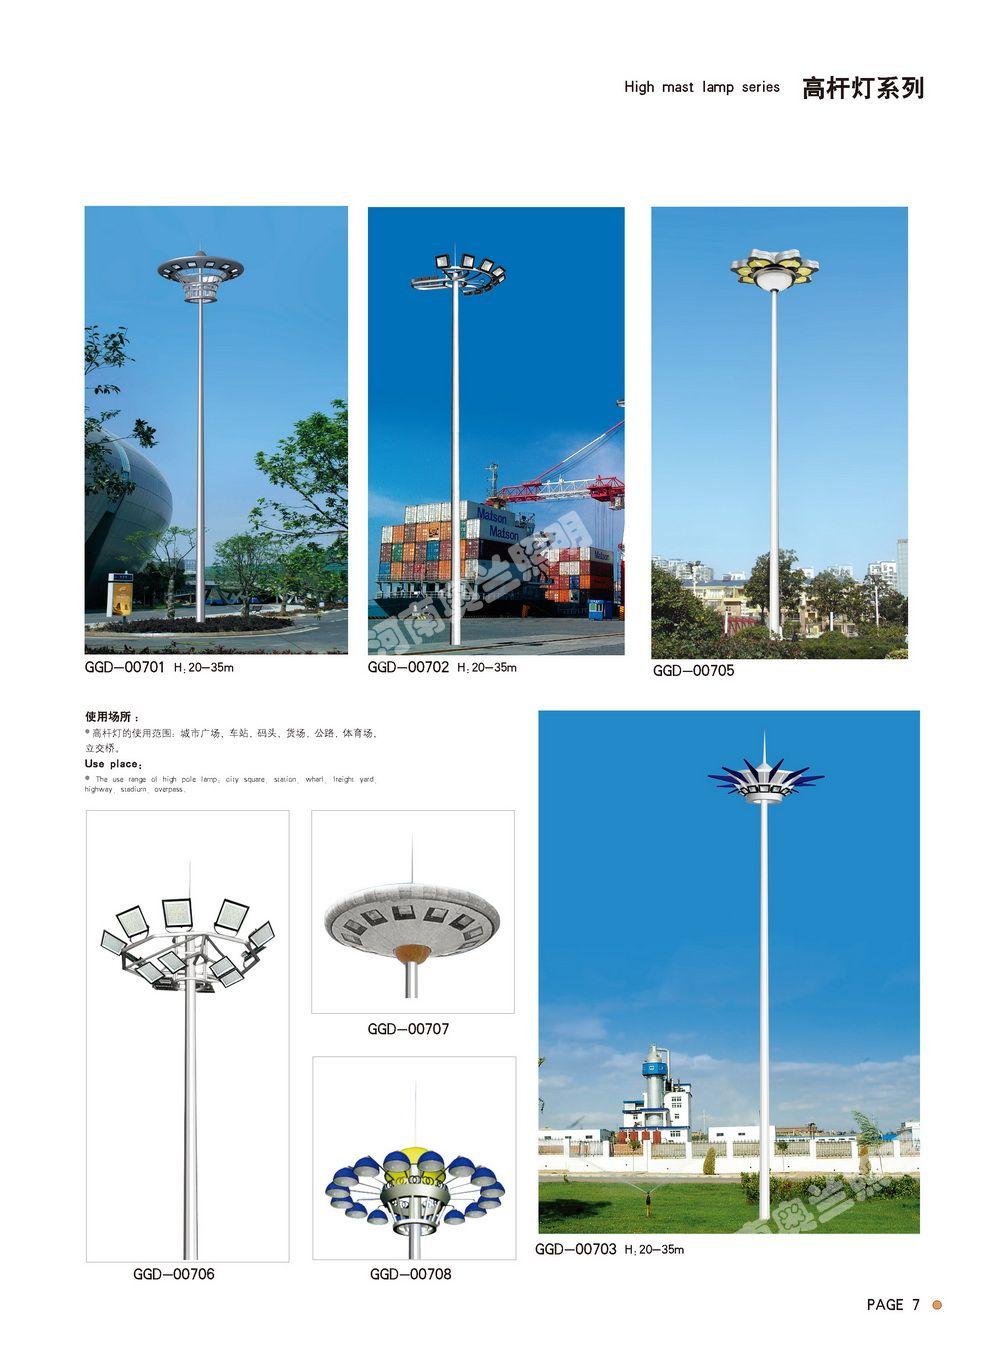 安阳高杆灯哪家好-性价比高的高杆灯品牌推荐